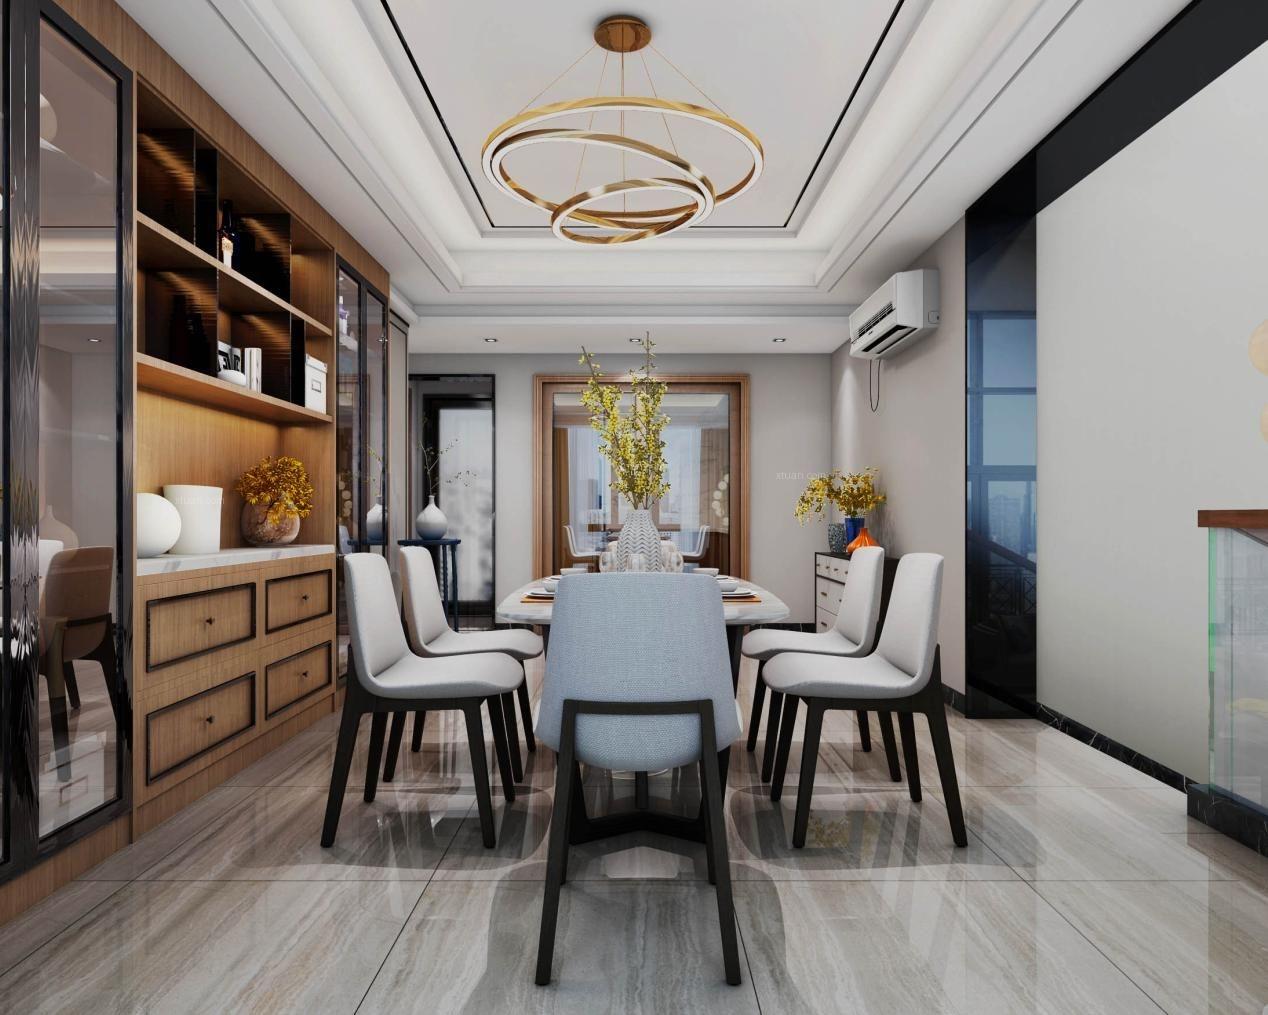 绿梅别墅现代风格设计案例展示